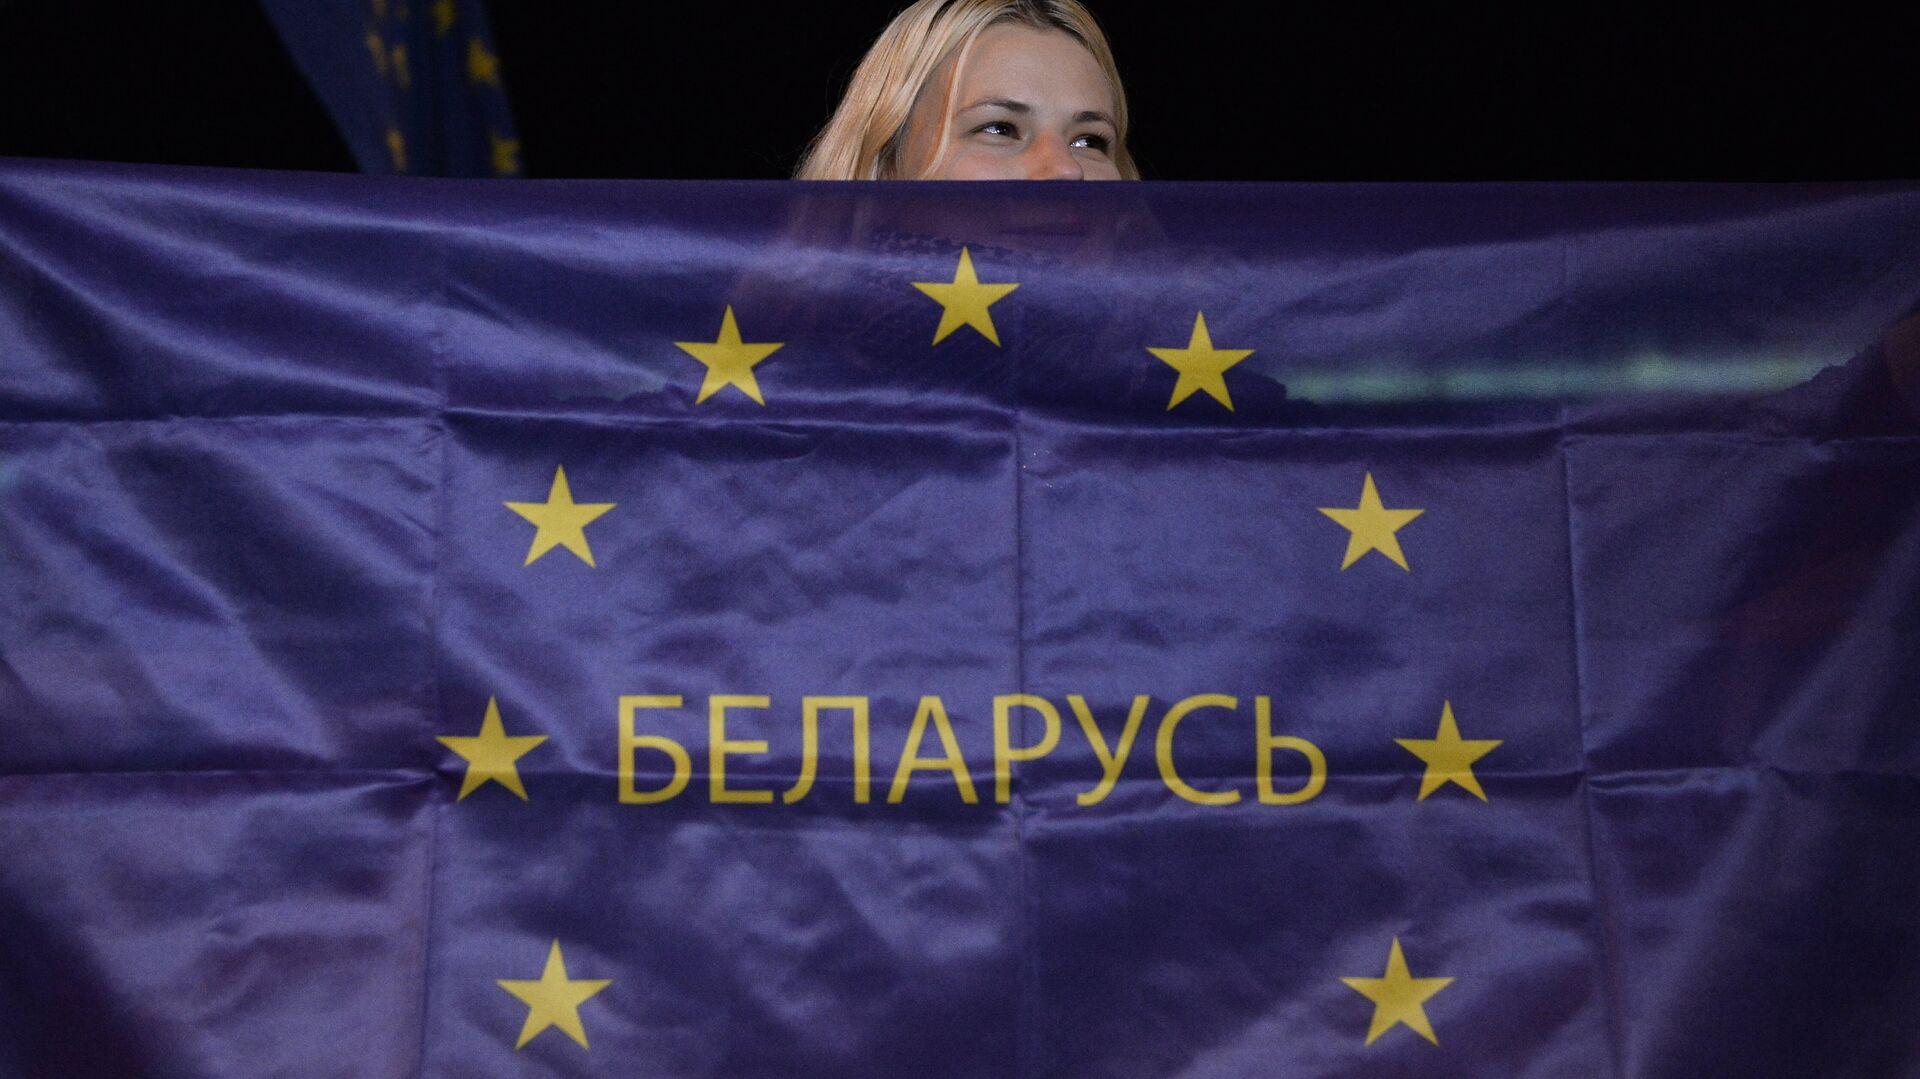 Белорусија, ЕУ застава  - Sputnik Србија, 1920, 21.06.2021